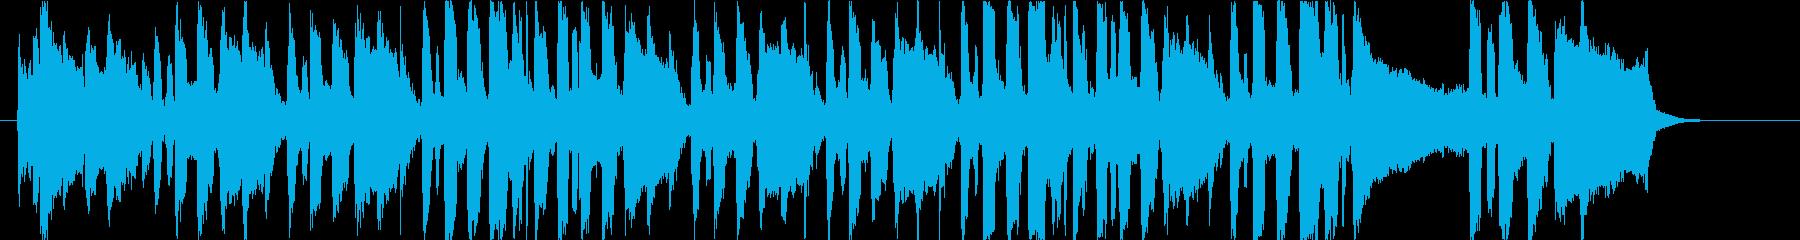 誕生日の歌(ワルツver) 【ミナト】の再生済みの波形